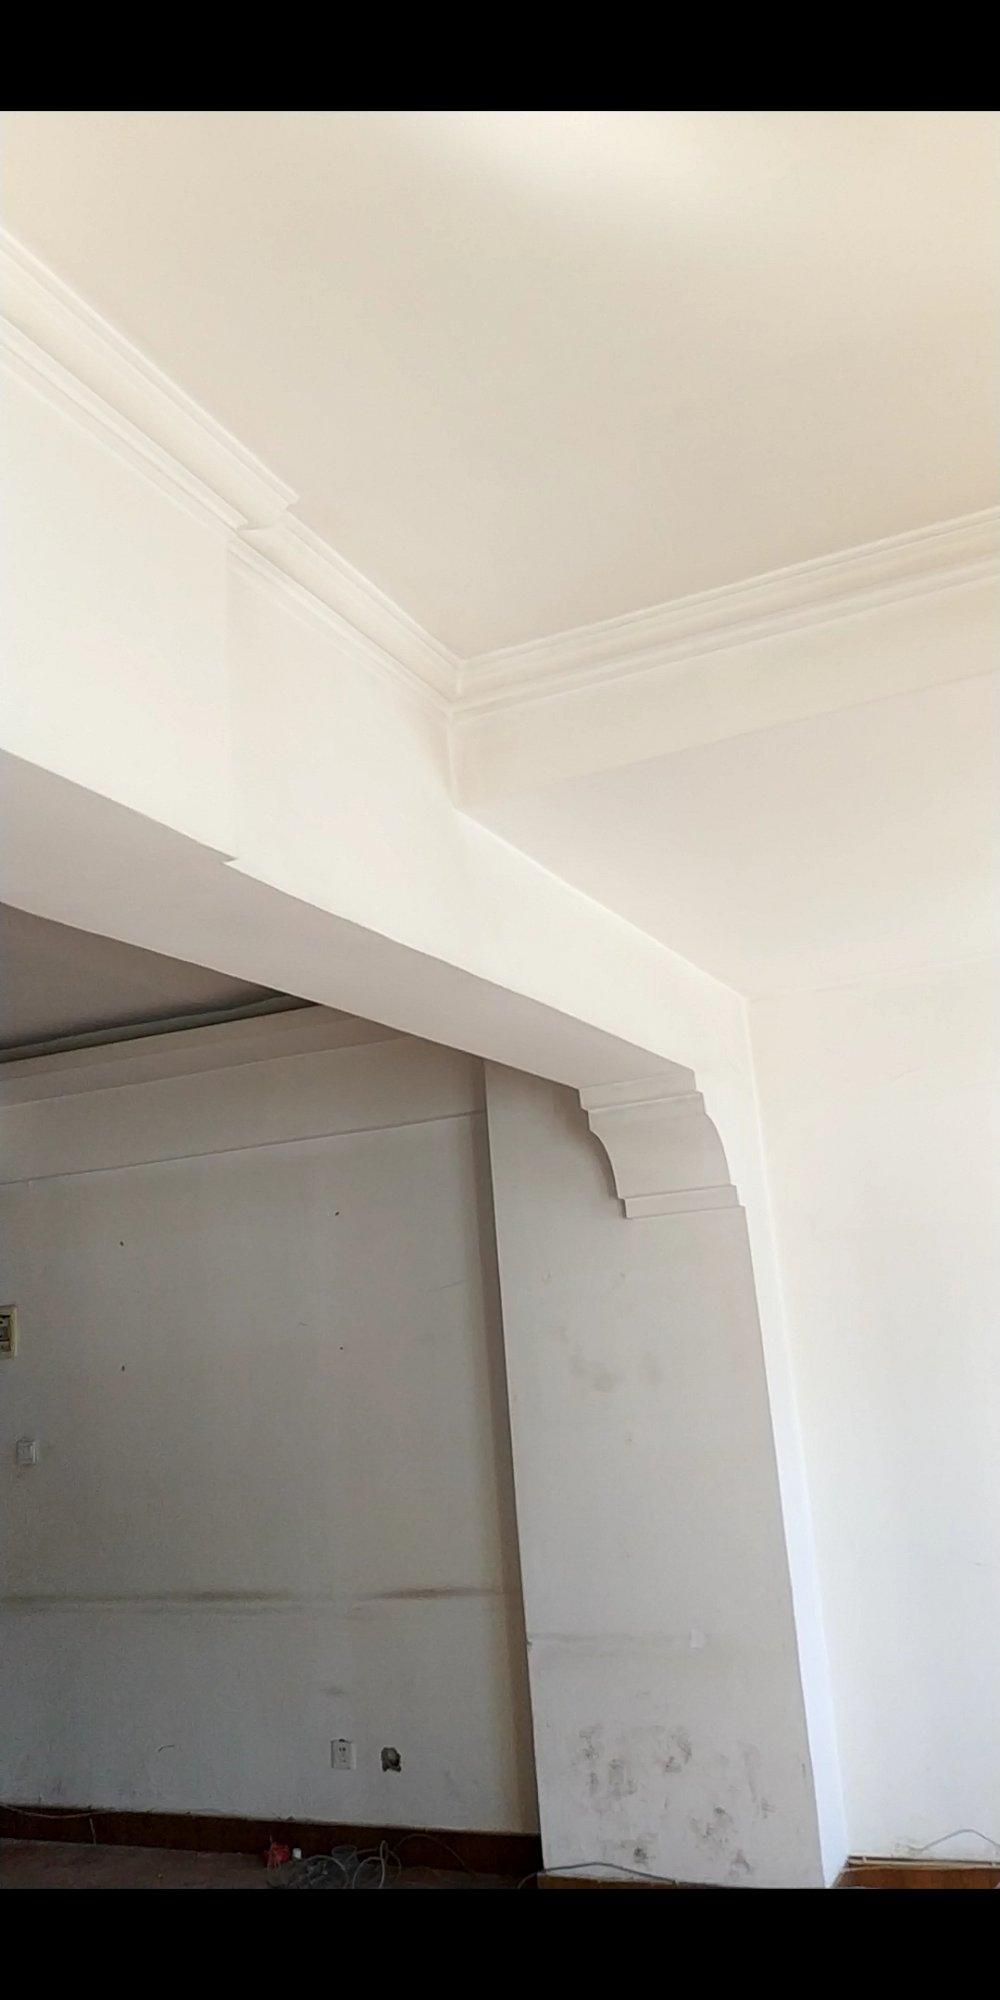 客厅里有大梁怎么解决?